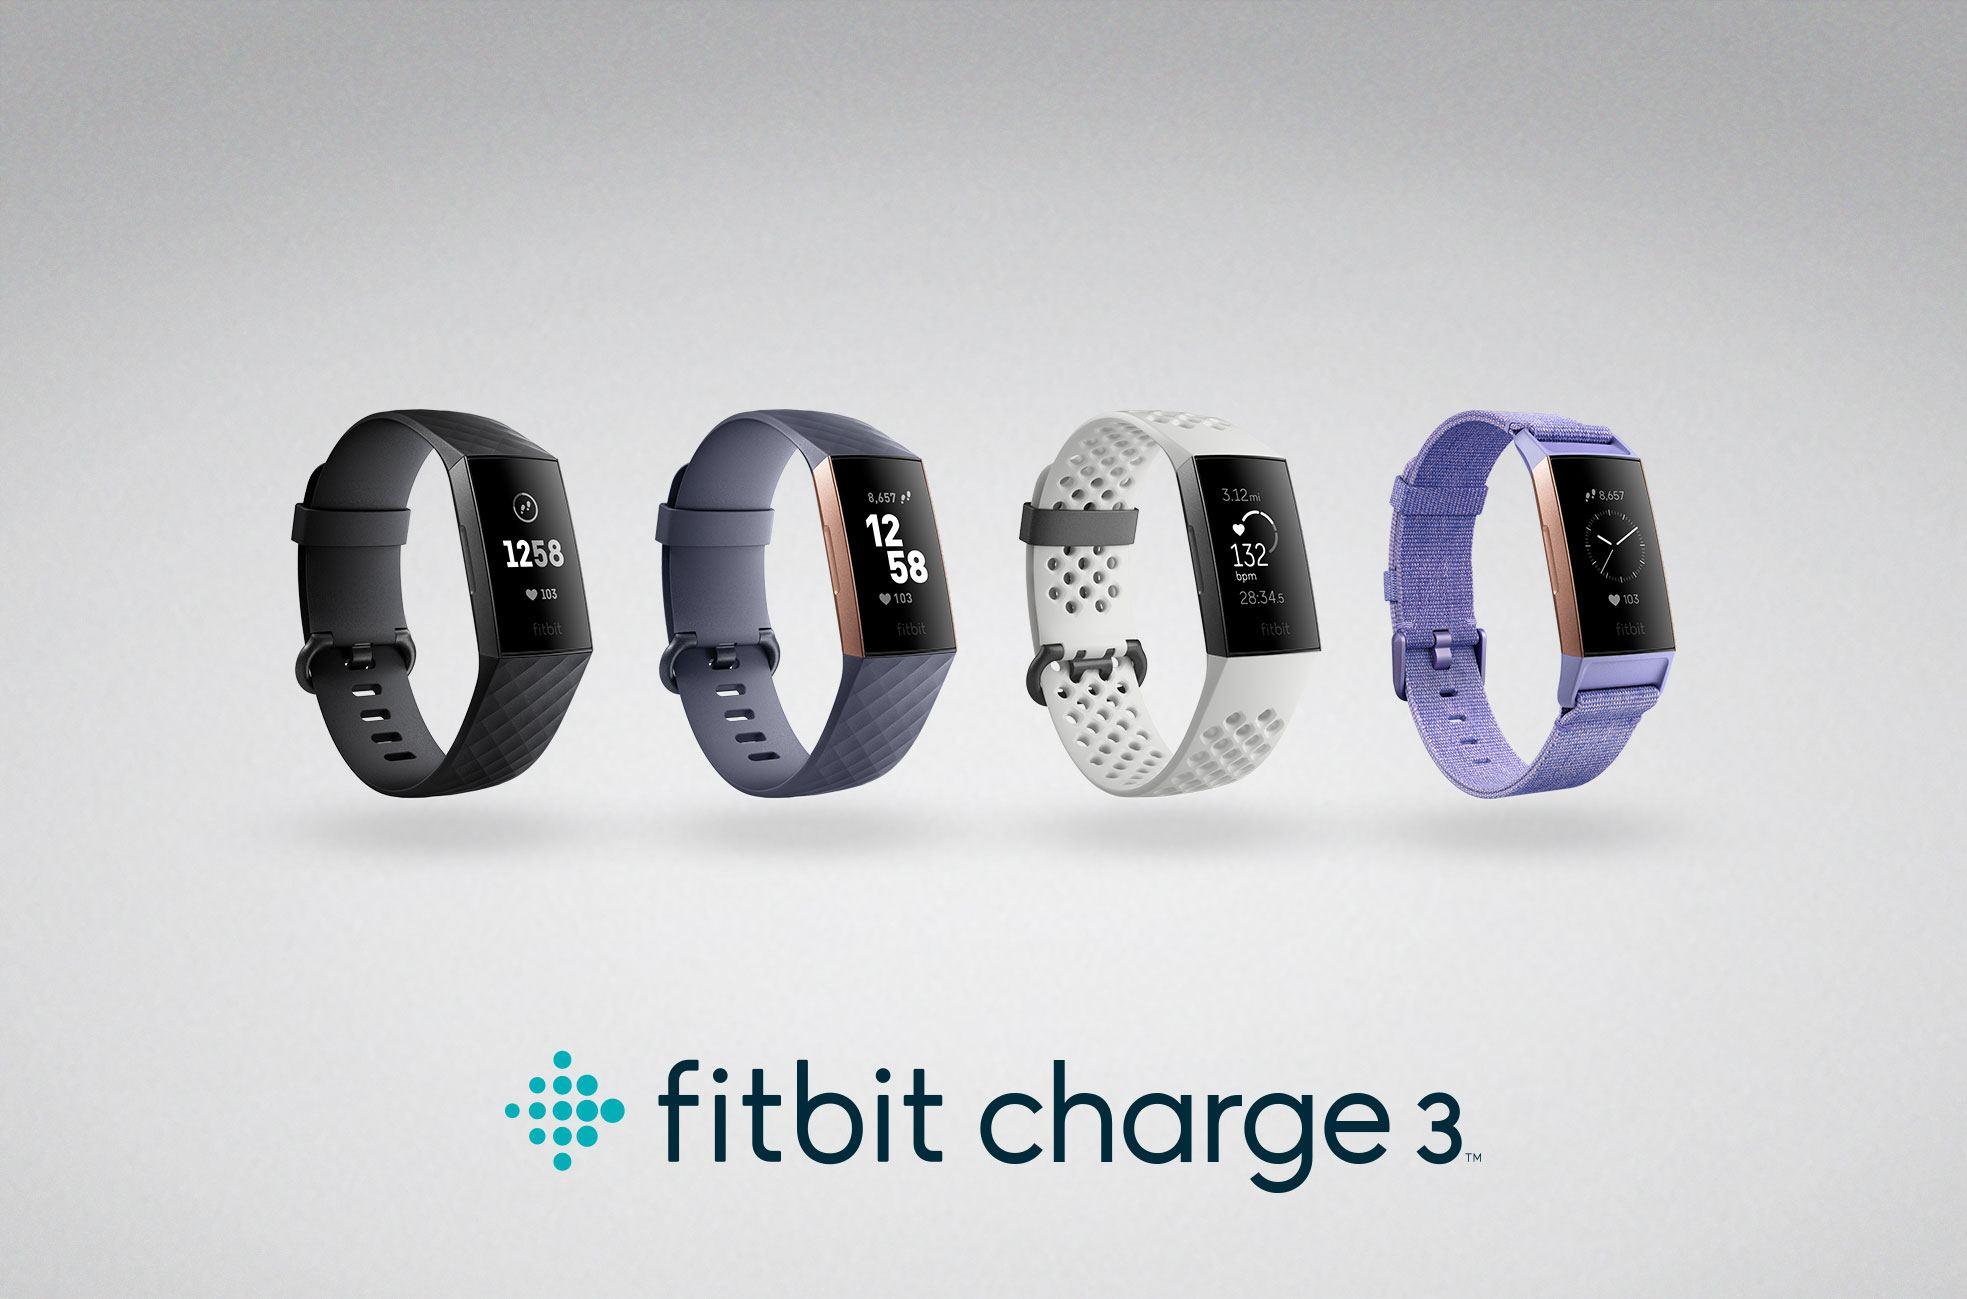 รีวิว Fitbit Charge 3 Fitness tracker พันธุ์อึด 1